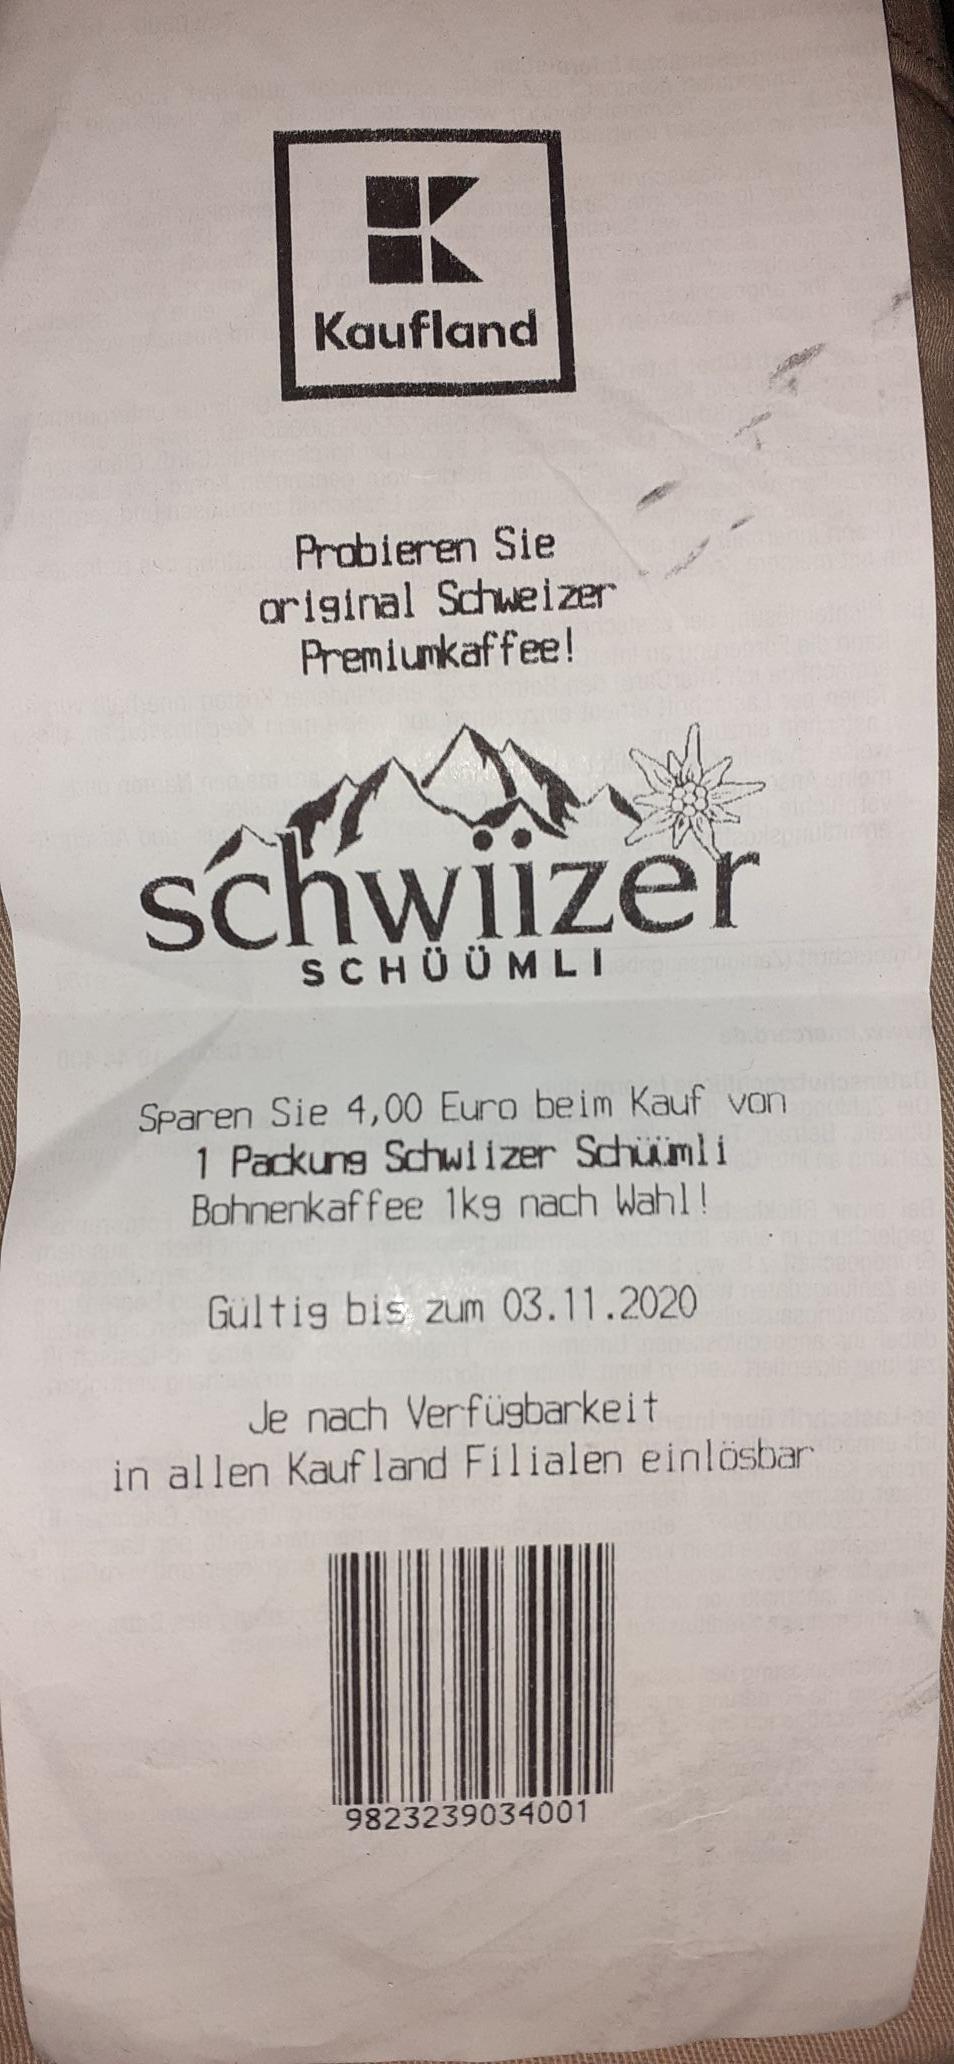 Schwiizer Schüümli 1kg nach Wahl in allen kaufland Filialen